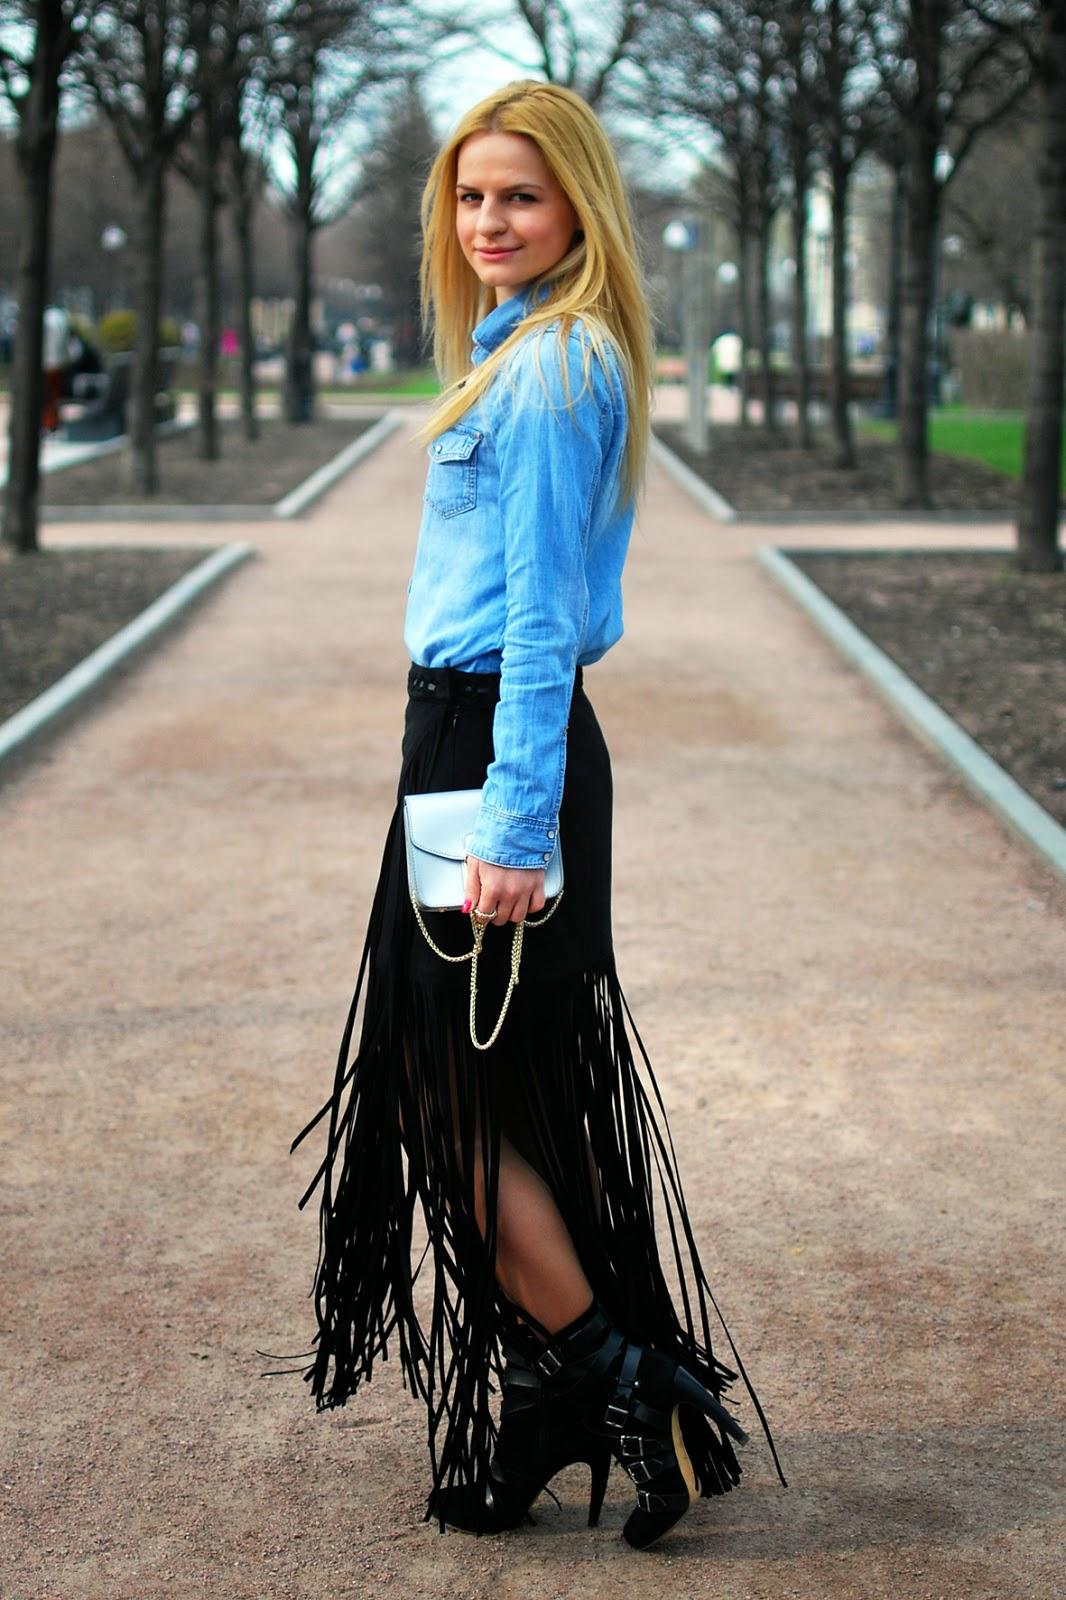 уличная мода, модная схъемка в парке,длинная юбка с бахромой